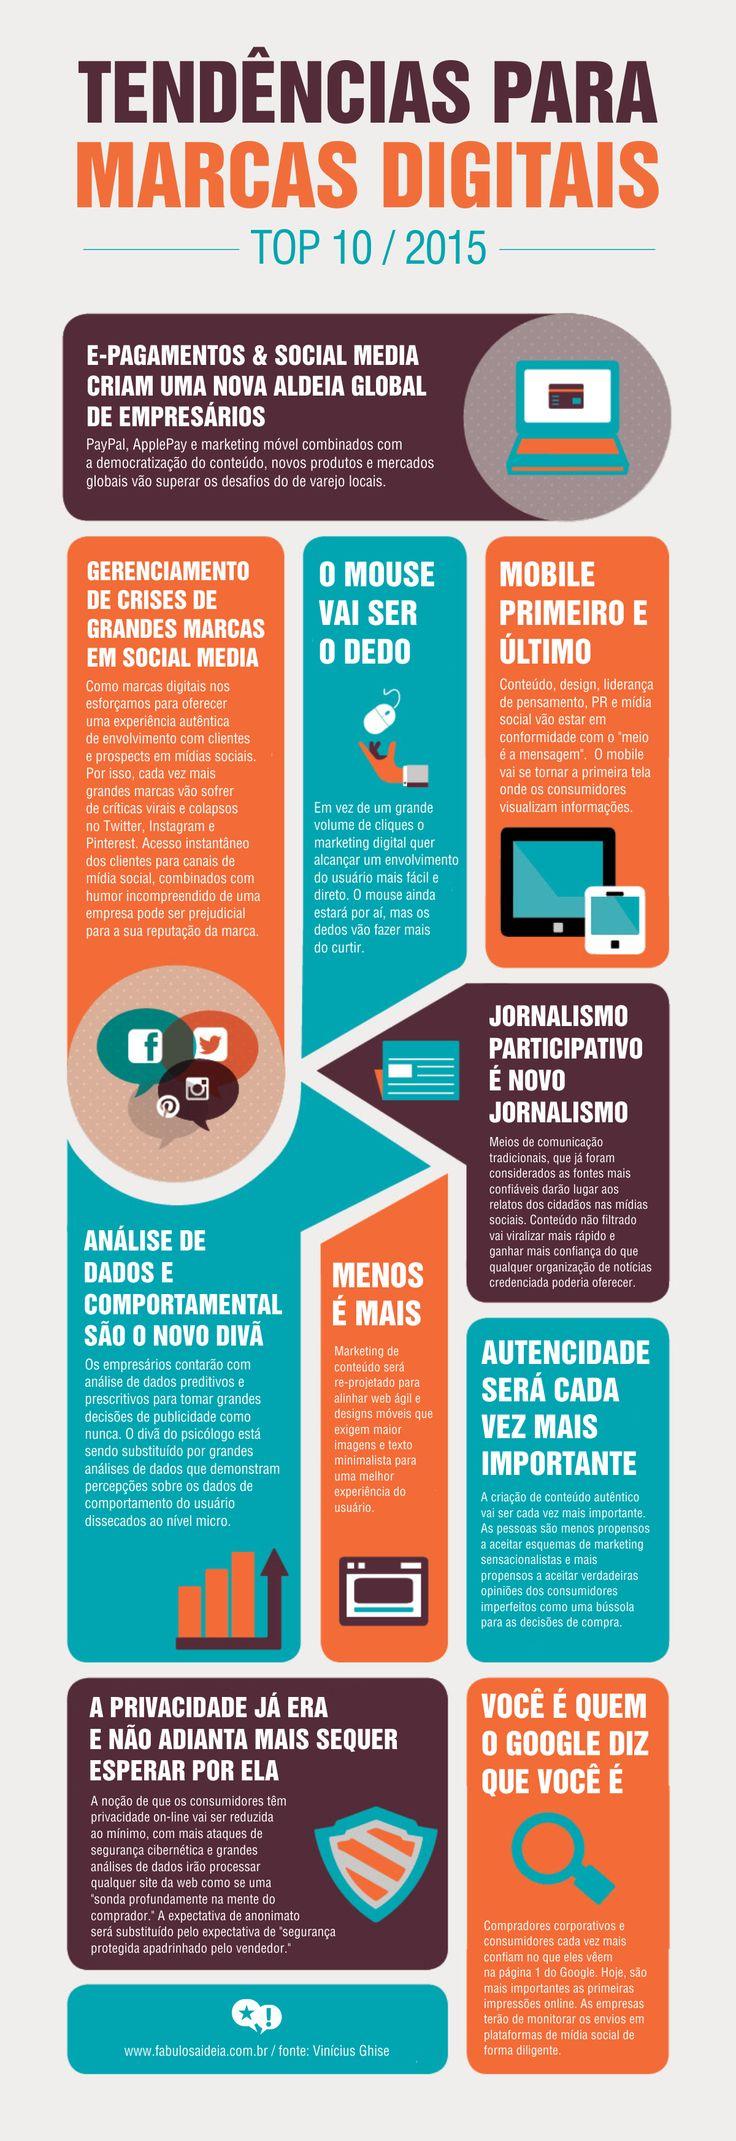 Top 10 Tendências de Digital Branding e Marketing em 2015! #nrweb #midiassociais #redessociais #infograficos #mktdigigital #agenciamkt #agencianrweb